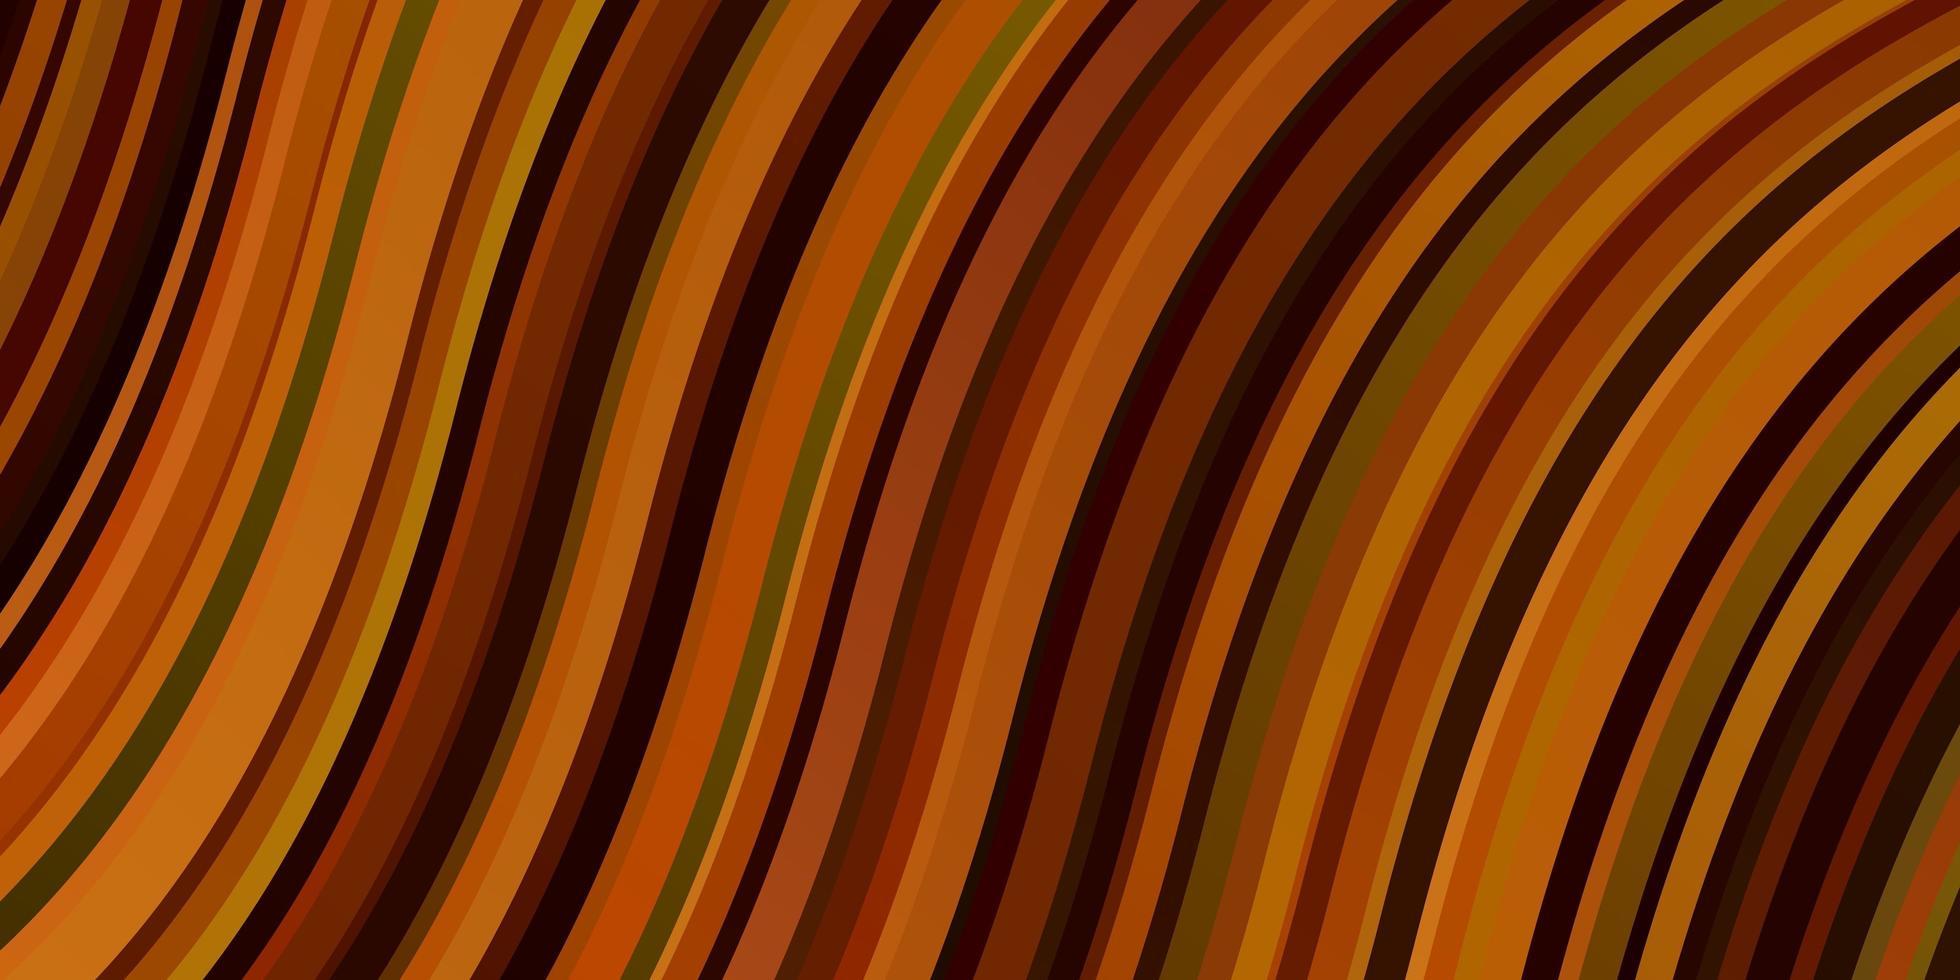 hellrotes, gelbes Vektorlayout mit Kurven. vektor